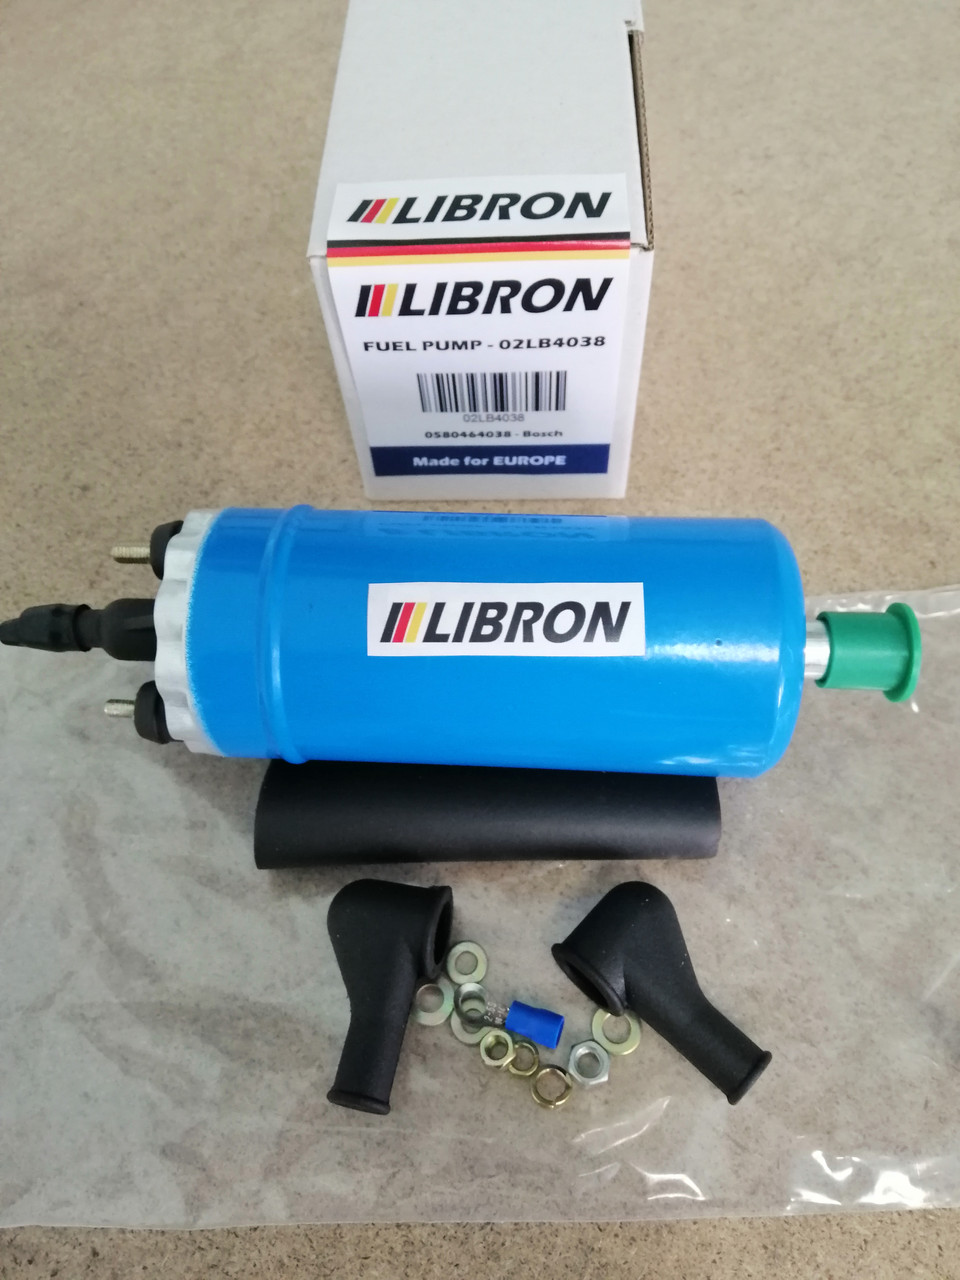 Бензонасос LIBRON 02LB4038 - Ситроен CX II 25 GTi Turbo 2 (1985-1992)